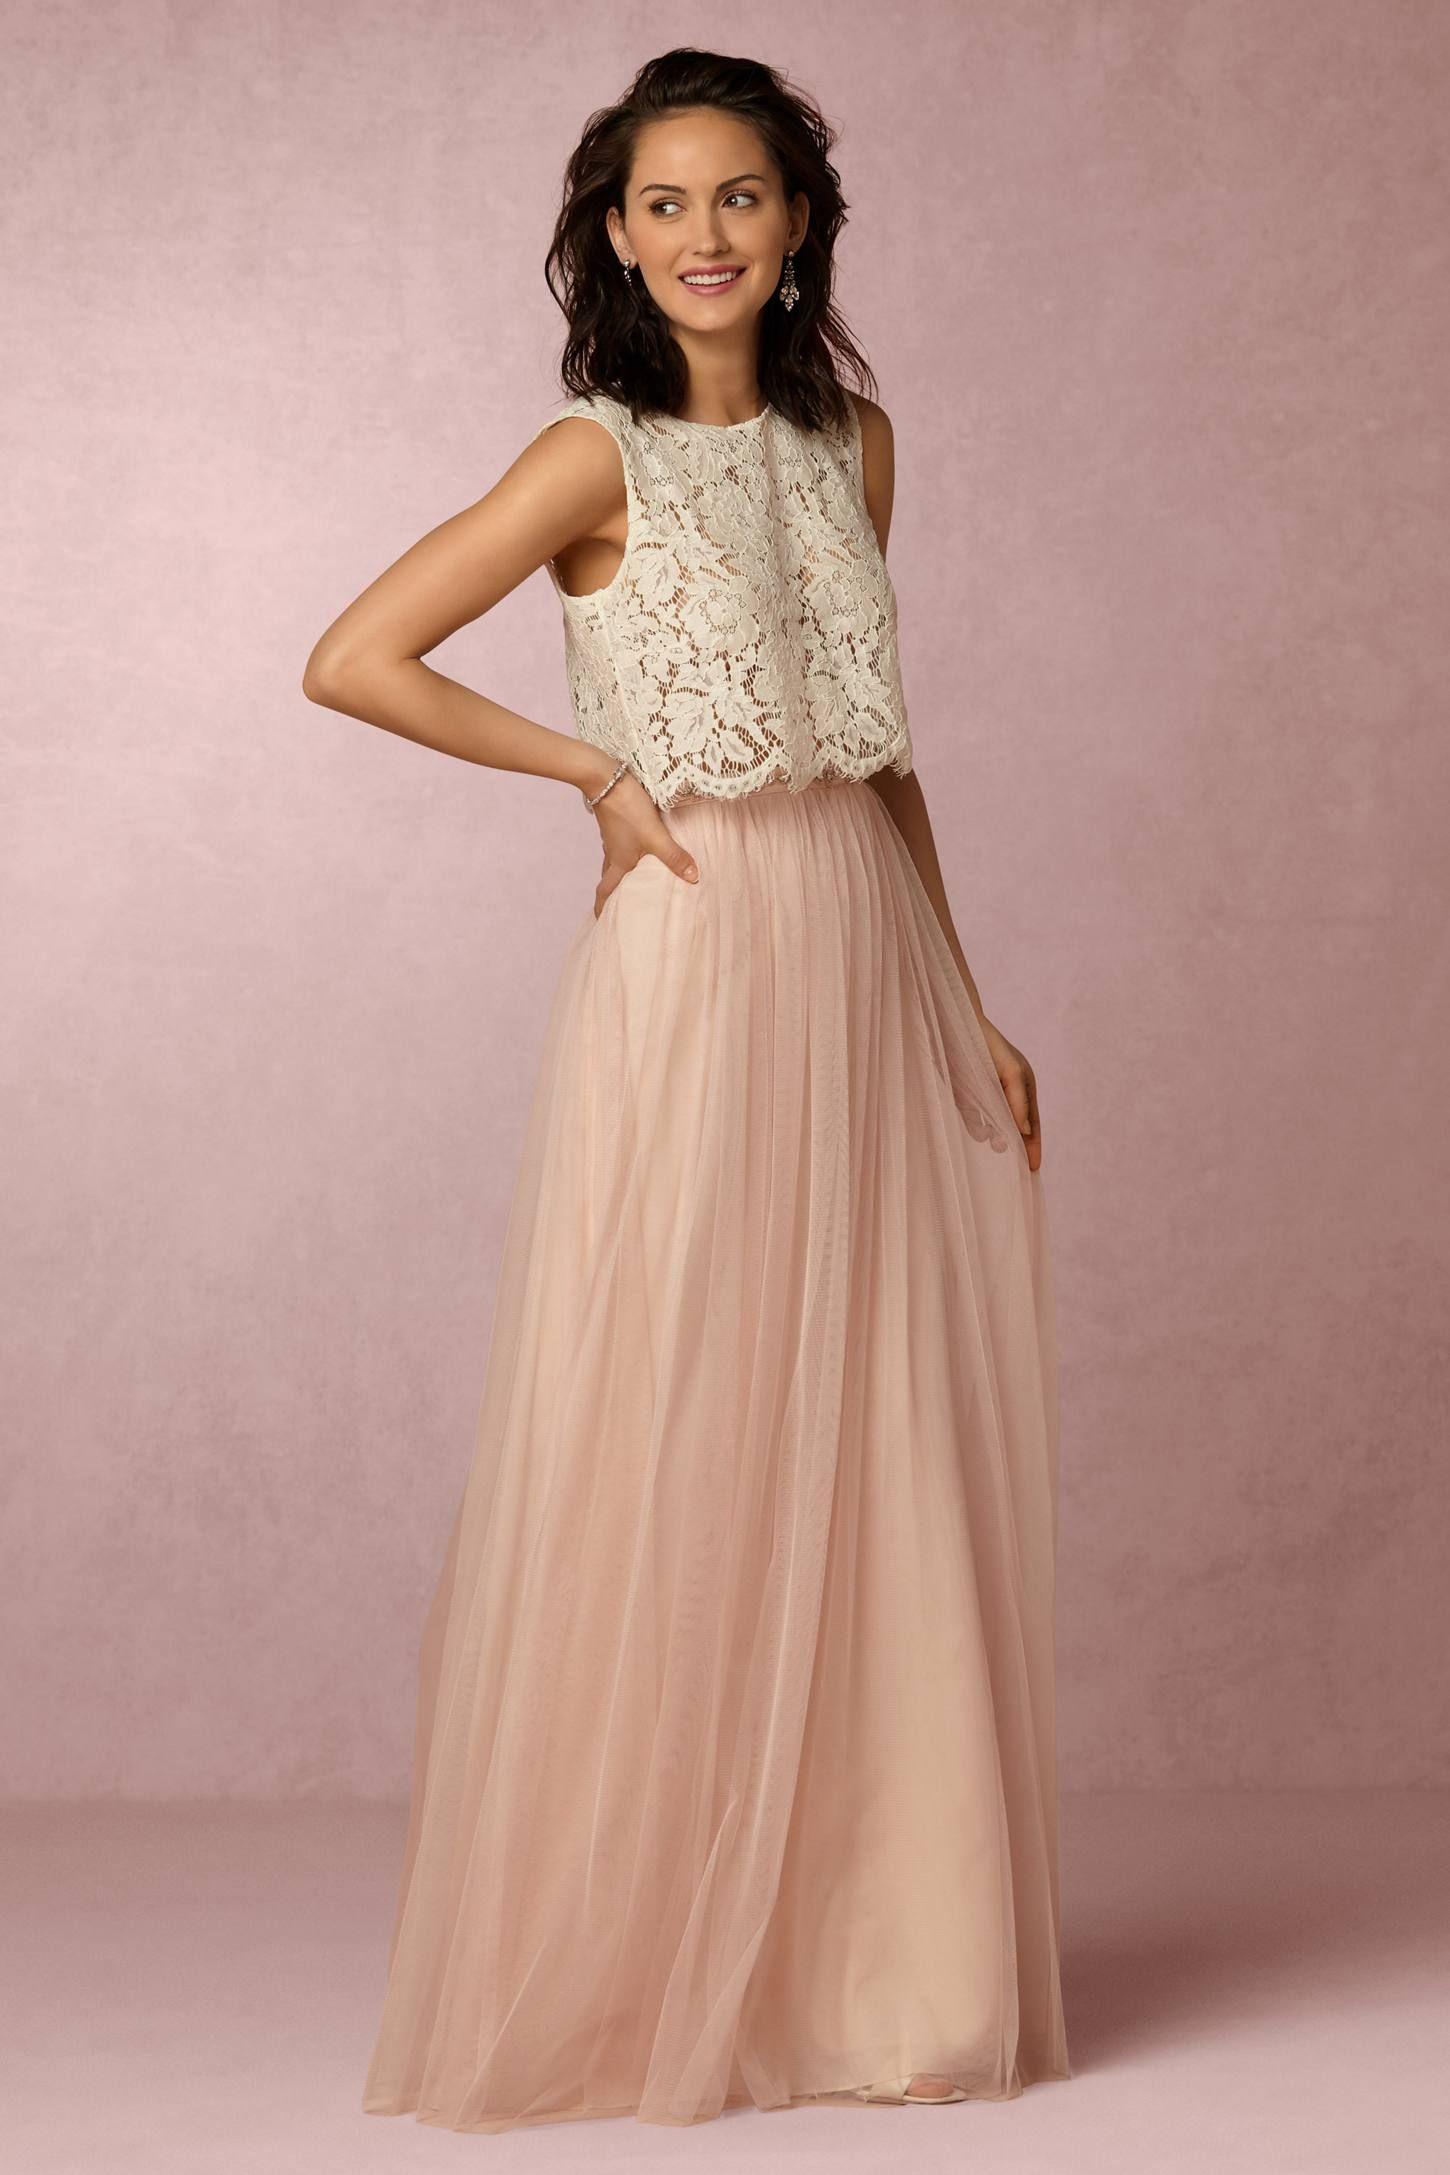 Louise tulle skirt in mode pinterest bridesmaid dresses